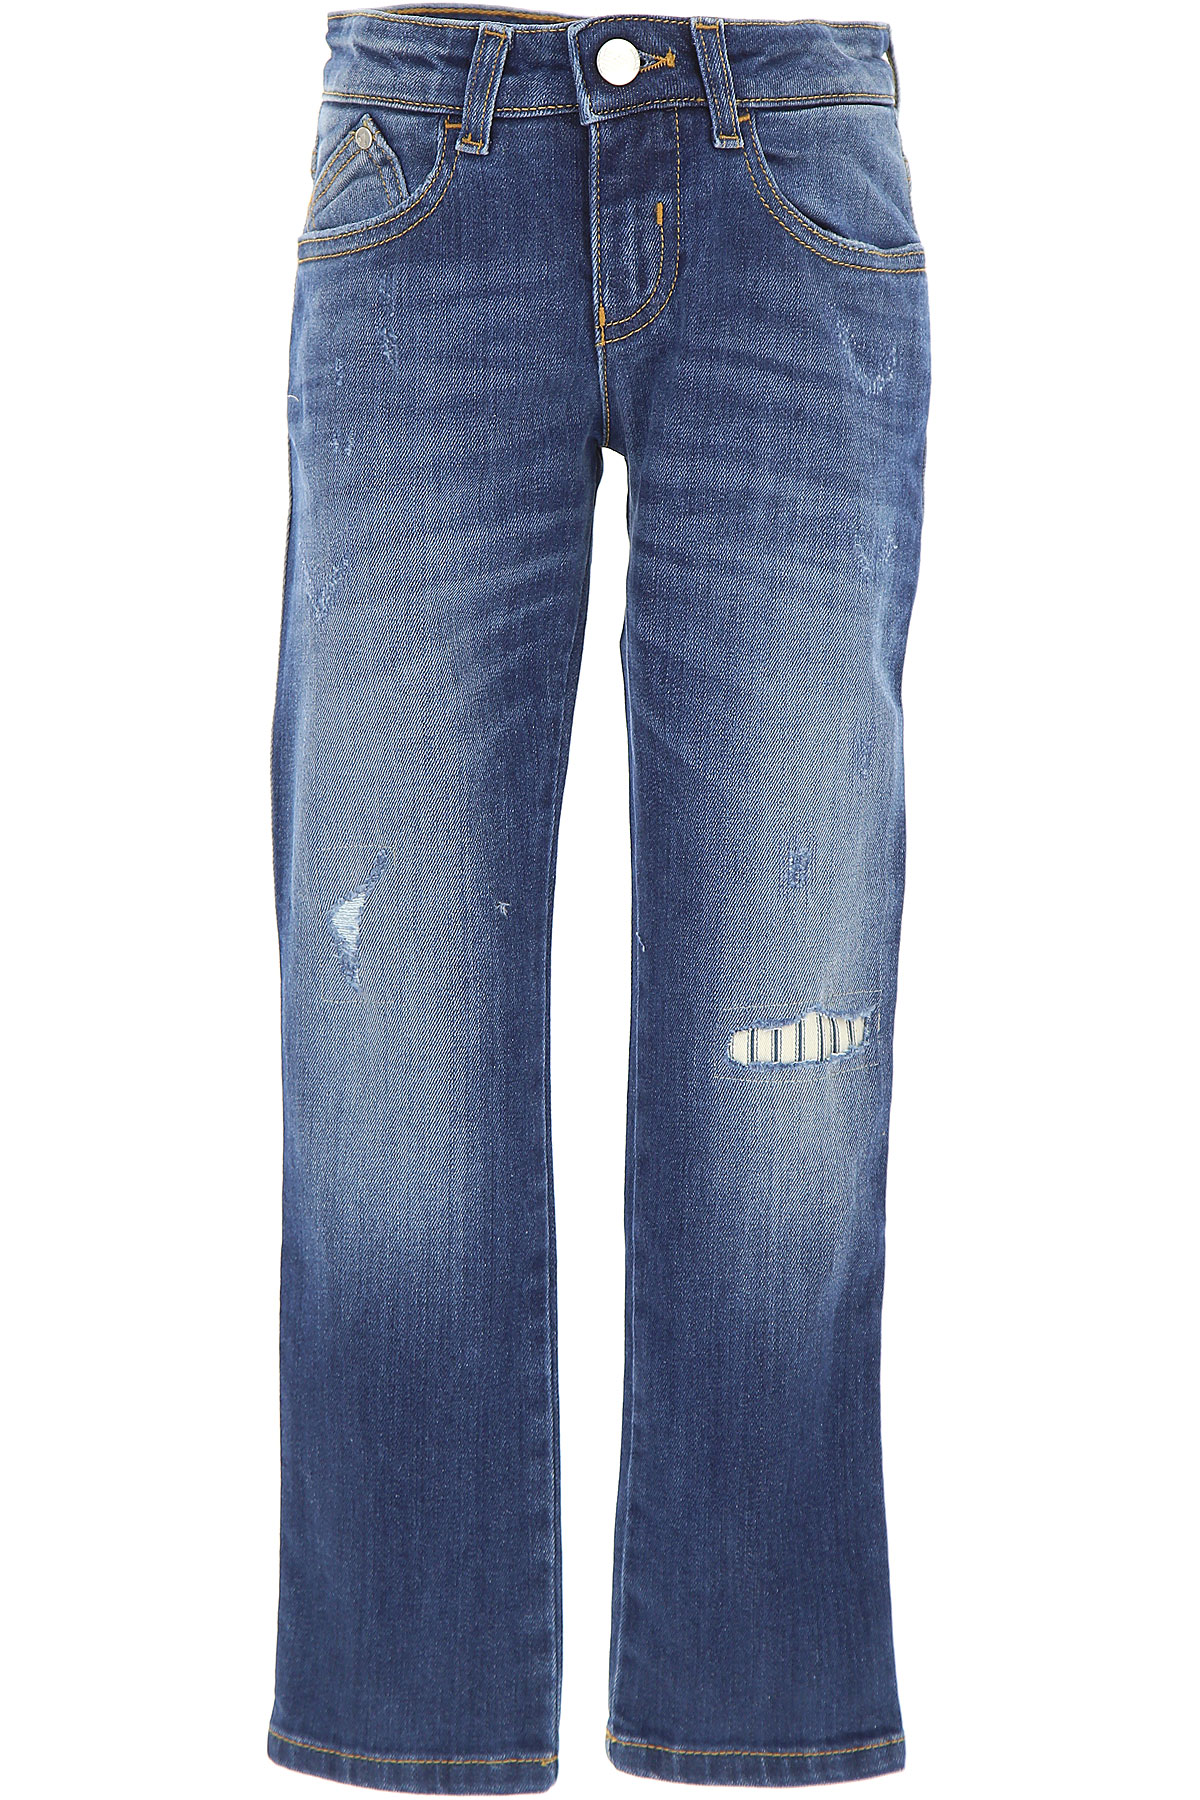 Emporio Armani Kids Jeans for Boys On Sale, Blue Denim, Cotton, 2017, 10Y 13Y 14Y 4Y 6Y 8Y 9Y USA-452119